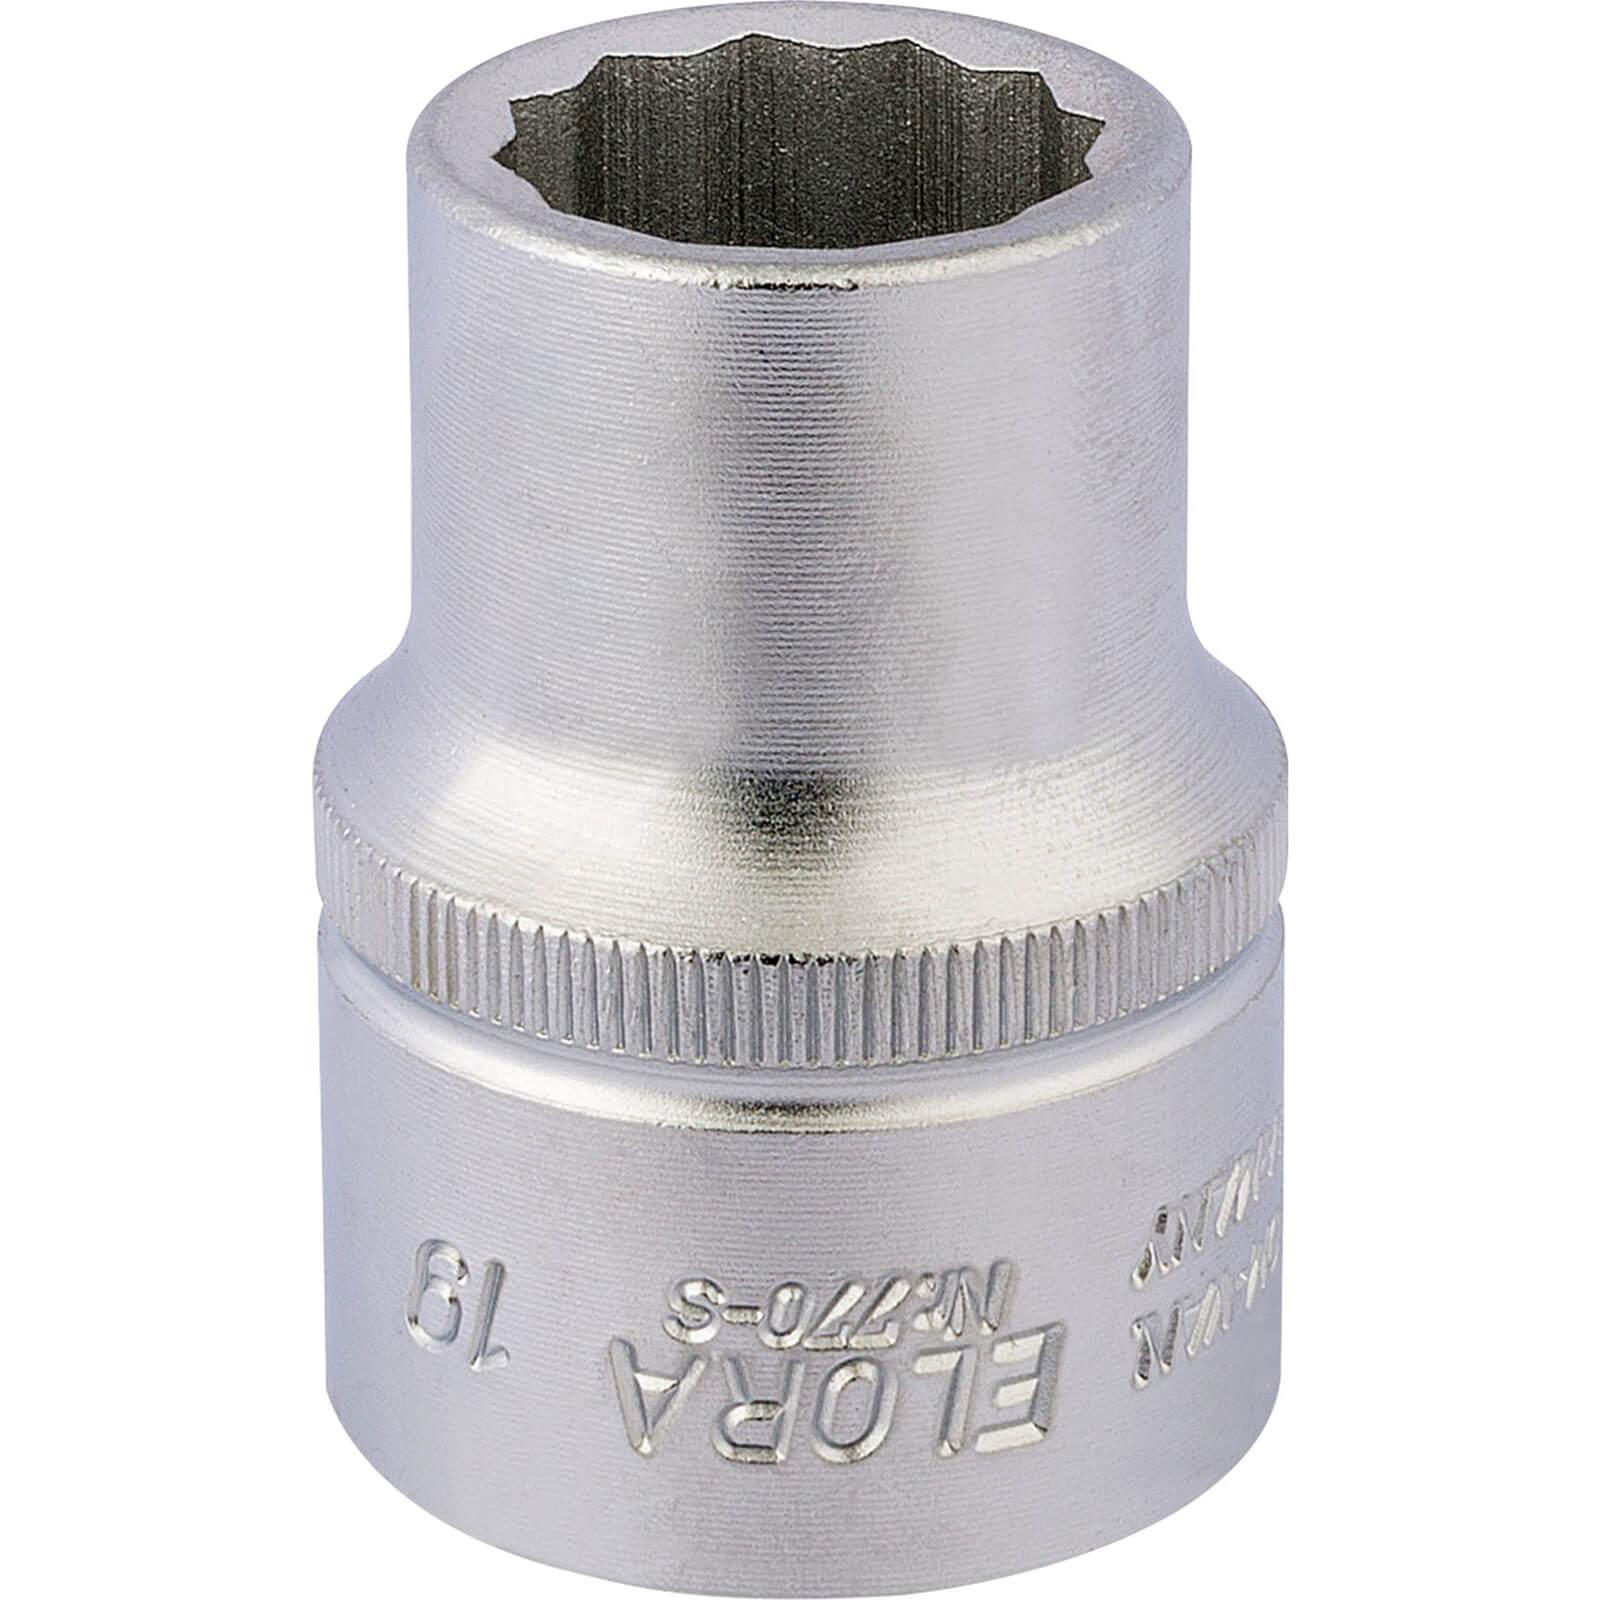 Elora 3 4 Drive Bi Hexagon Socket Metric 3 4 19mm